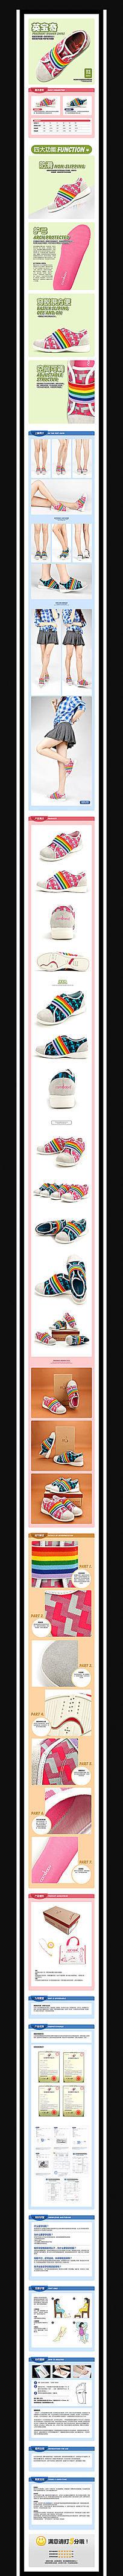 淘宝女童帆布鞋详情页细节展示